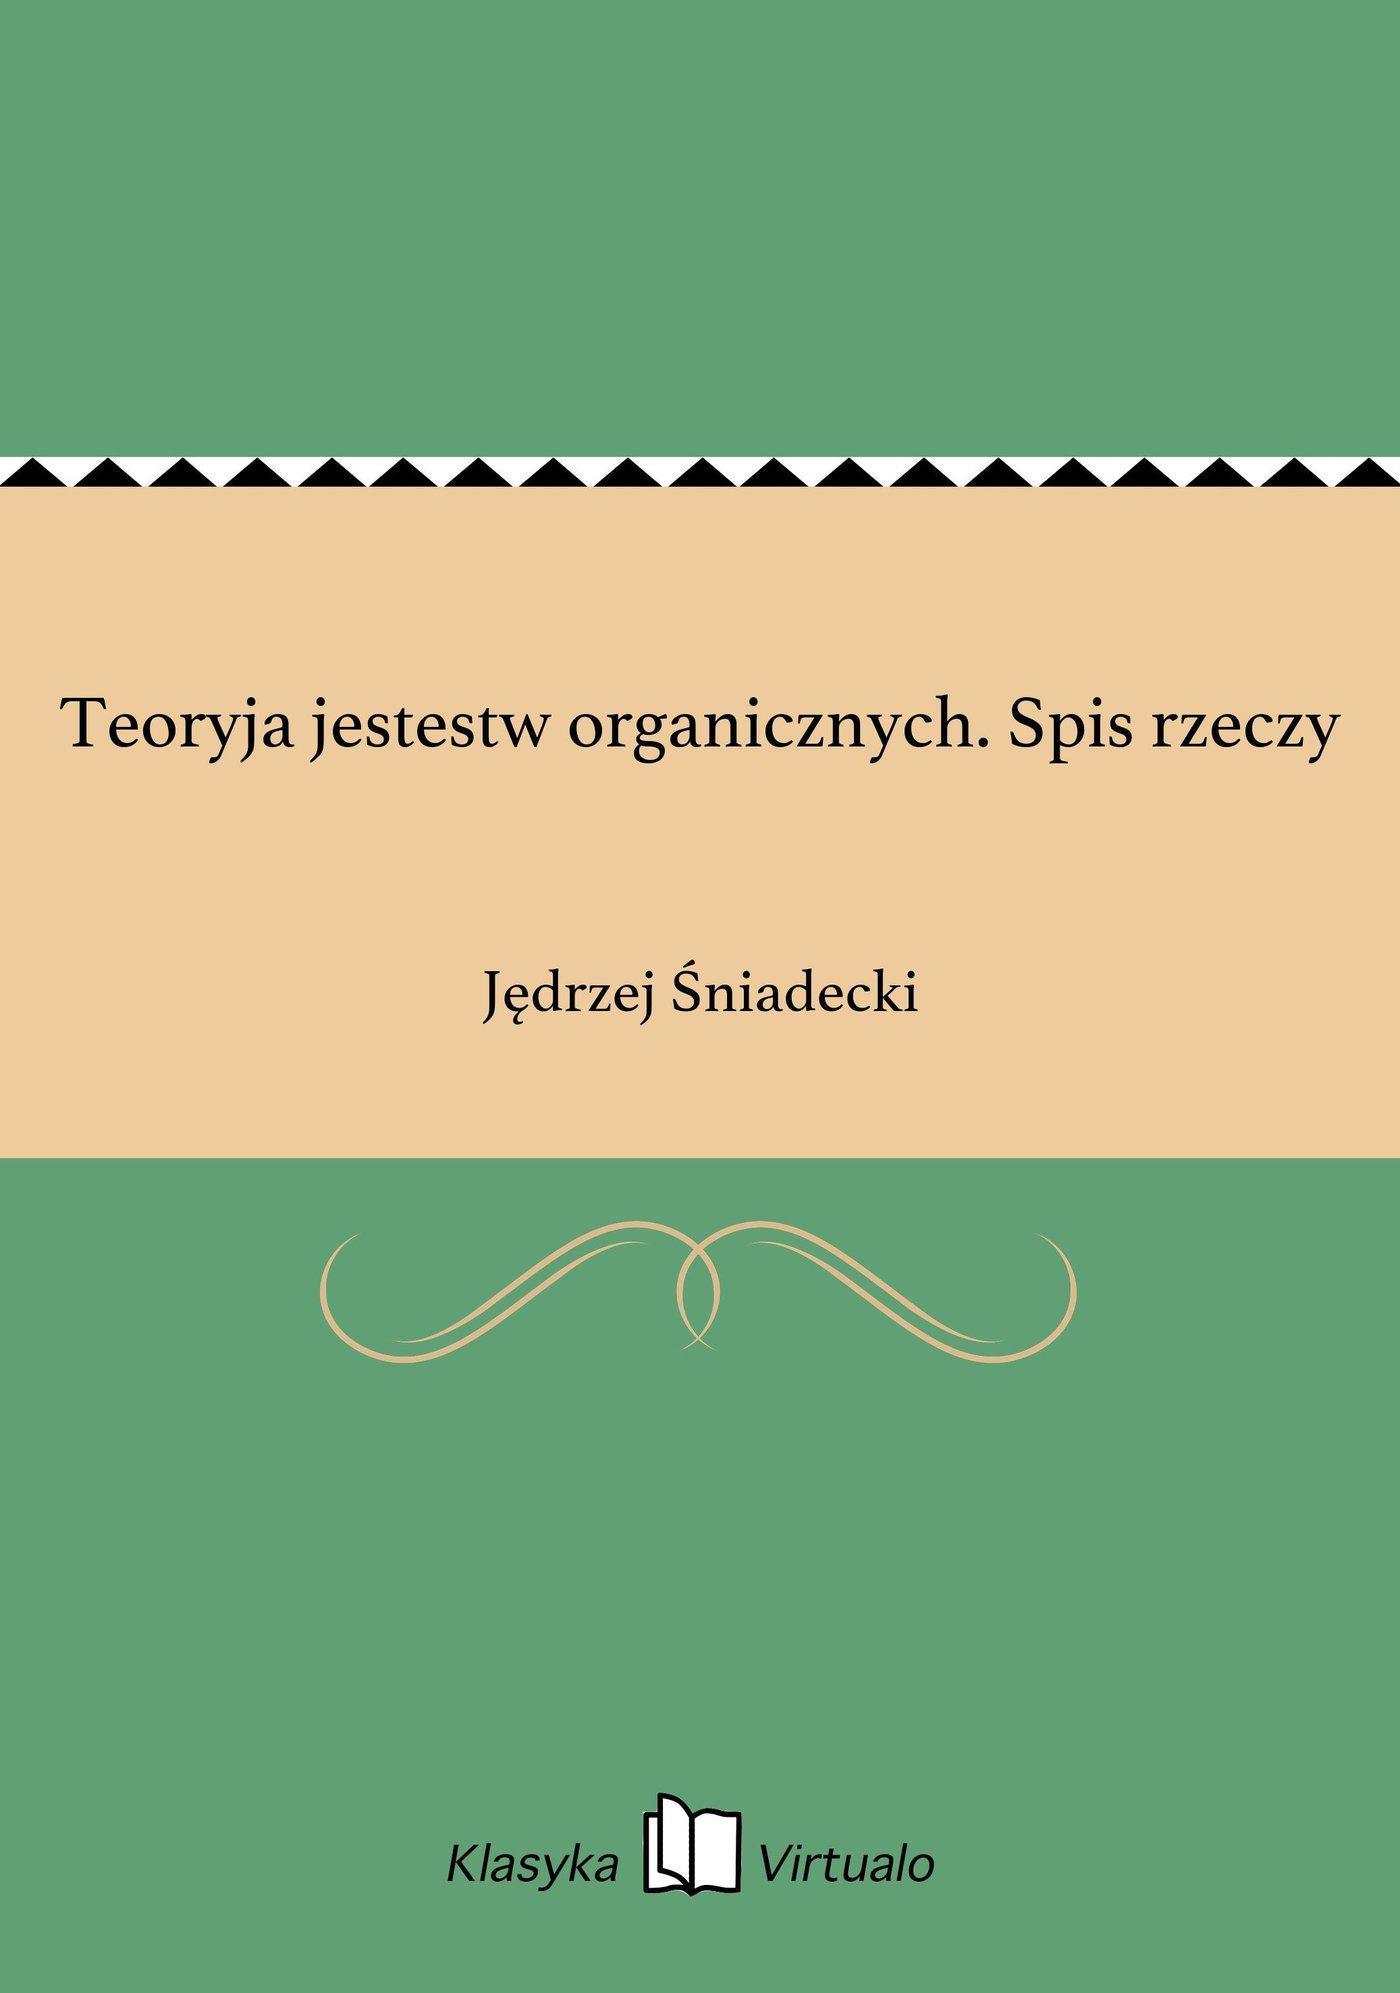 Teoryja jestestw organicznych. Spis rzeczy - Ebook (Książka EPUB) do pobrania w formacie EPUB